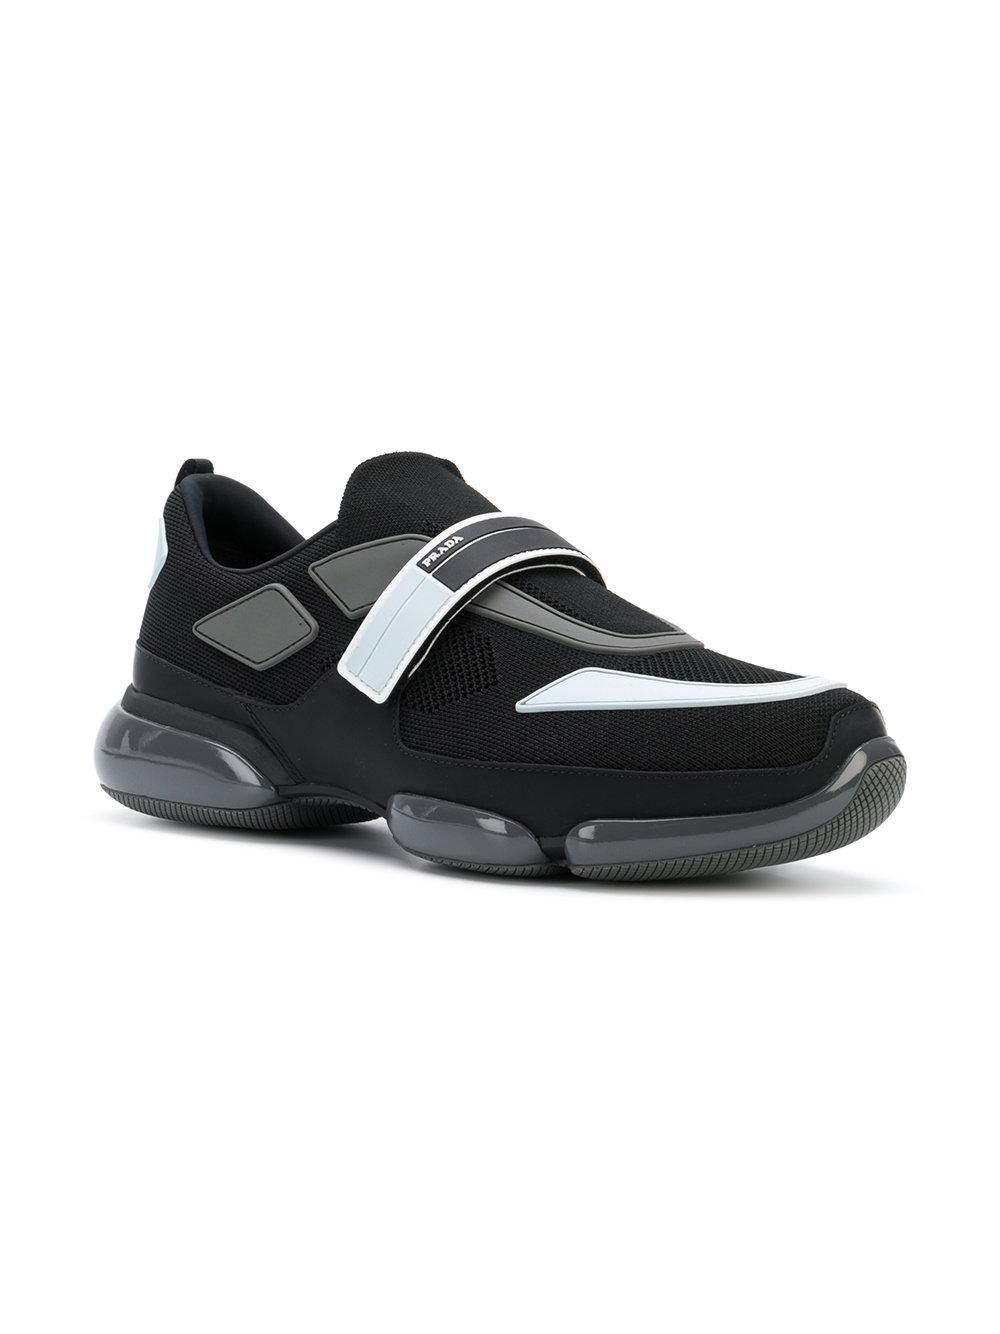 à bas prix officiel meilleur prix Men's Black Cloudbust Sneakers